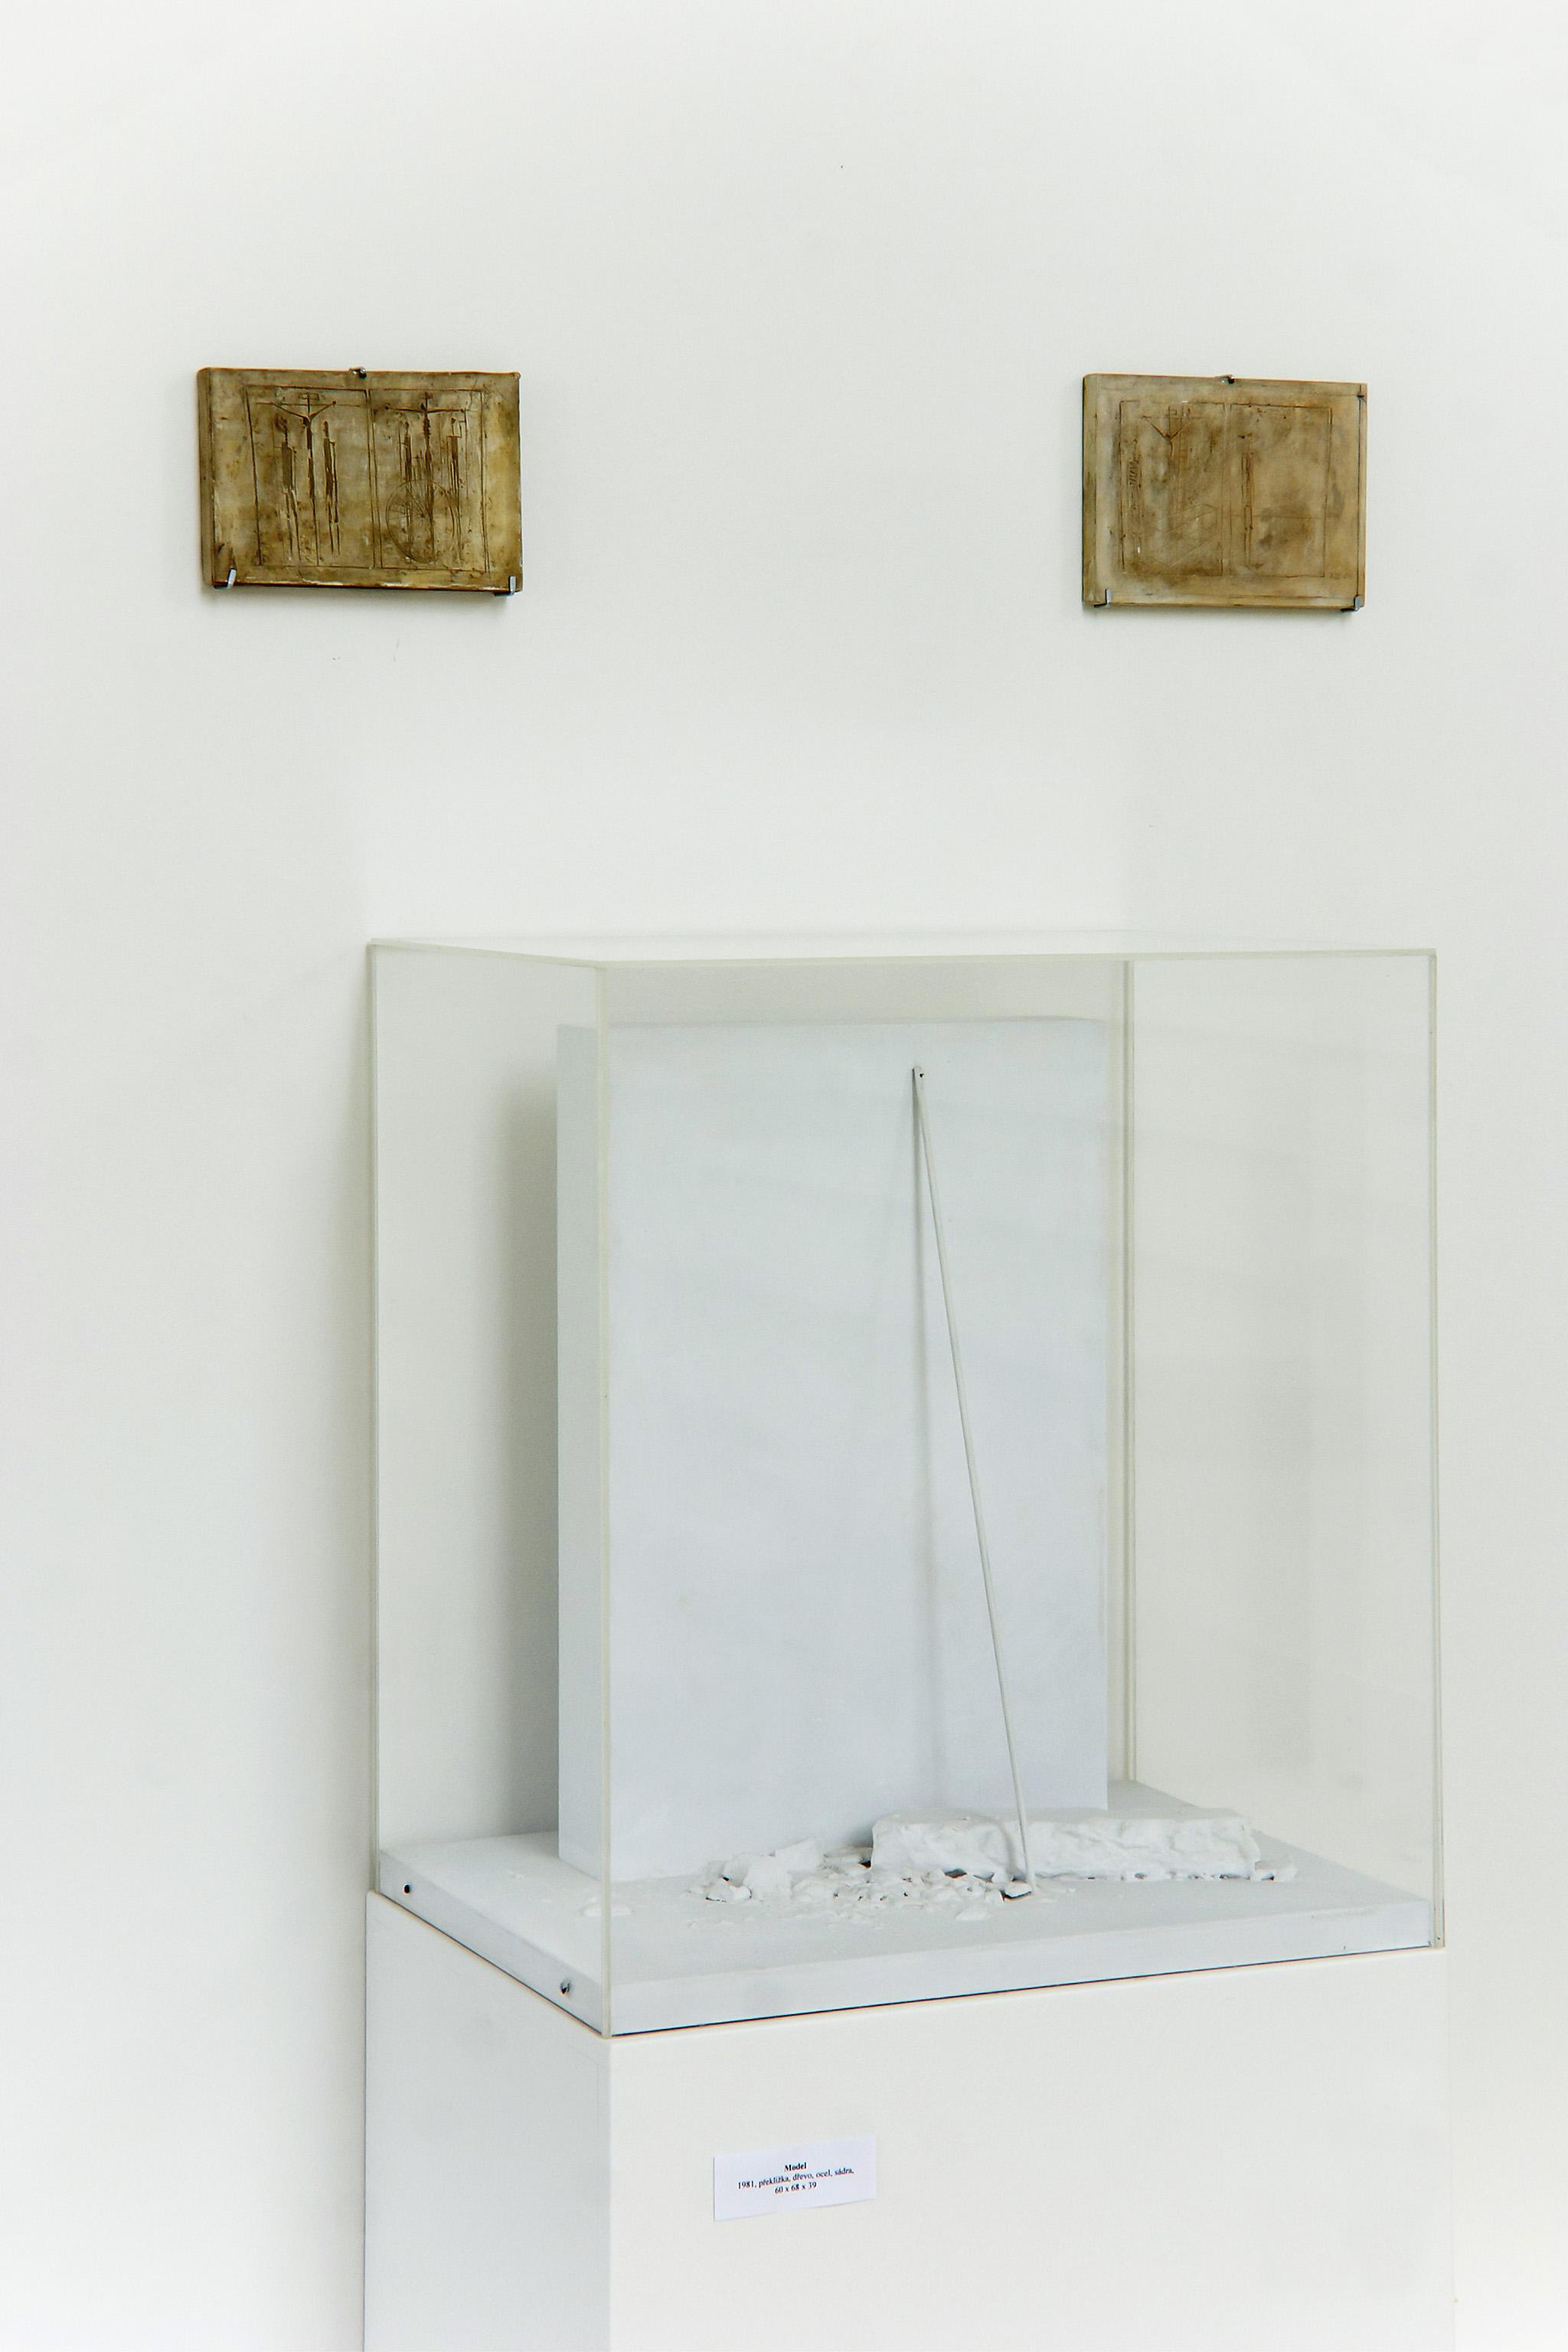 Demartini_Galerie_Zavodny_4.jpg